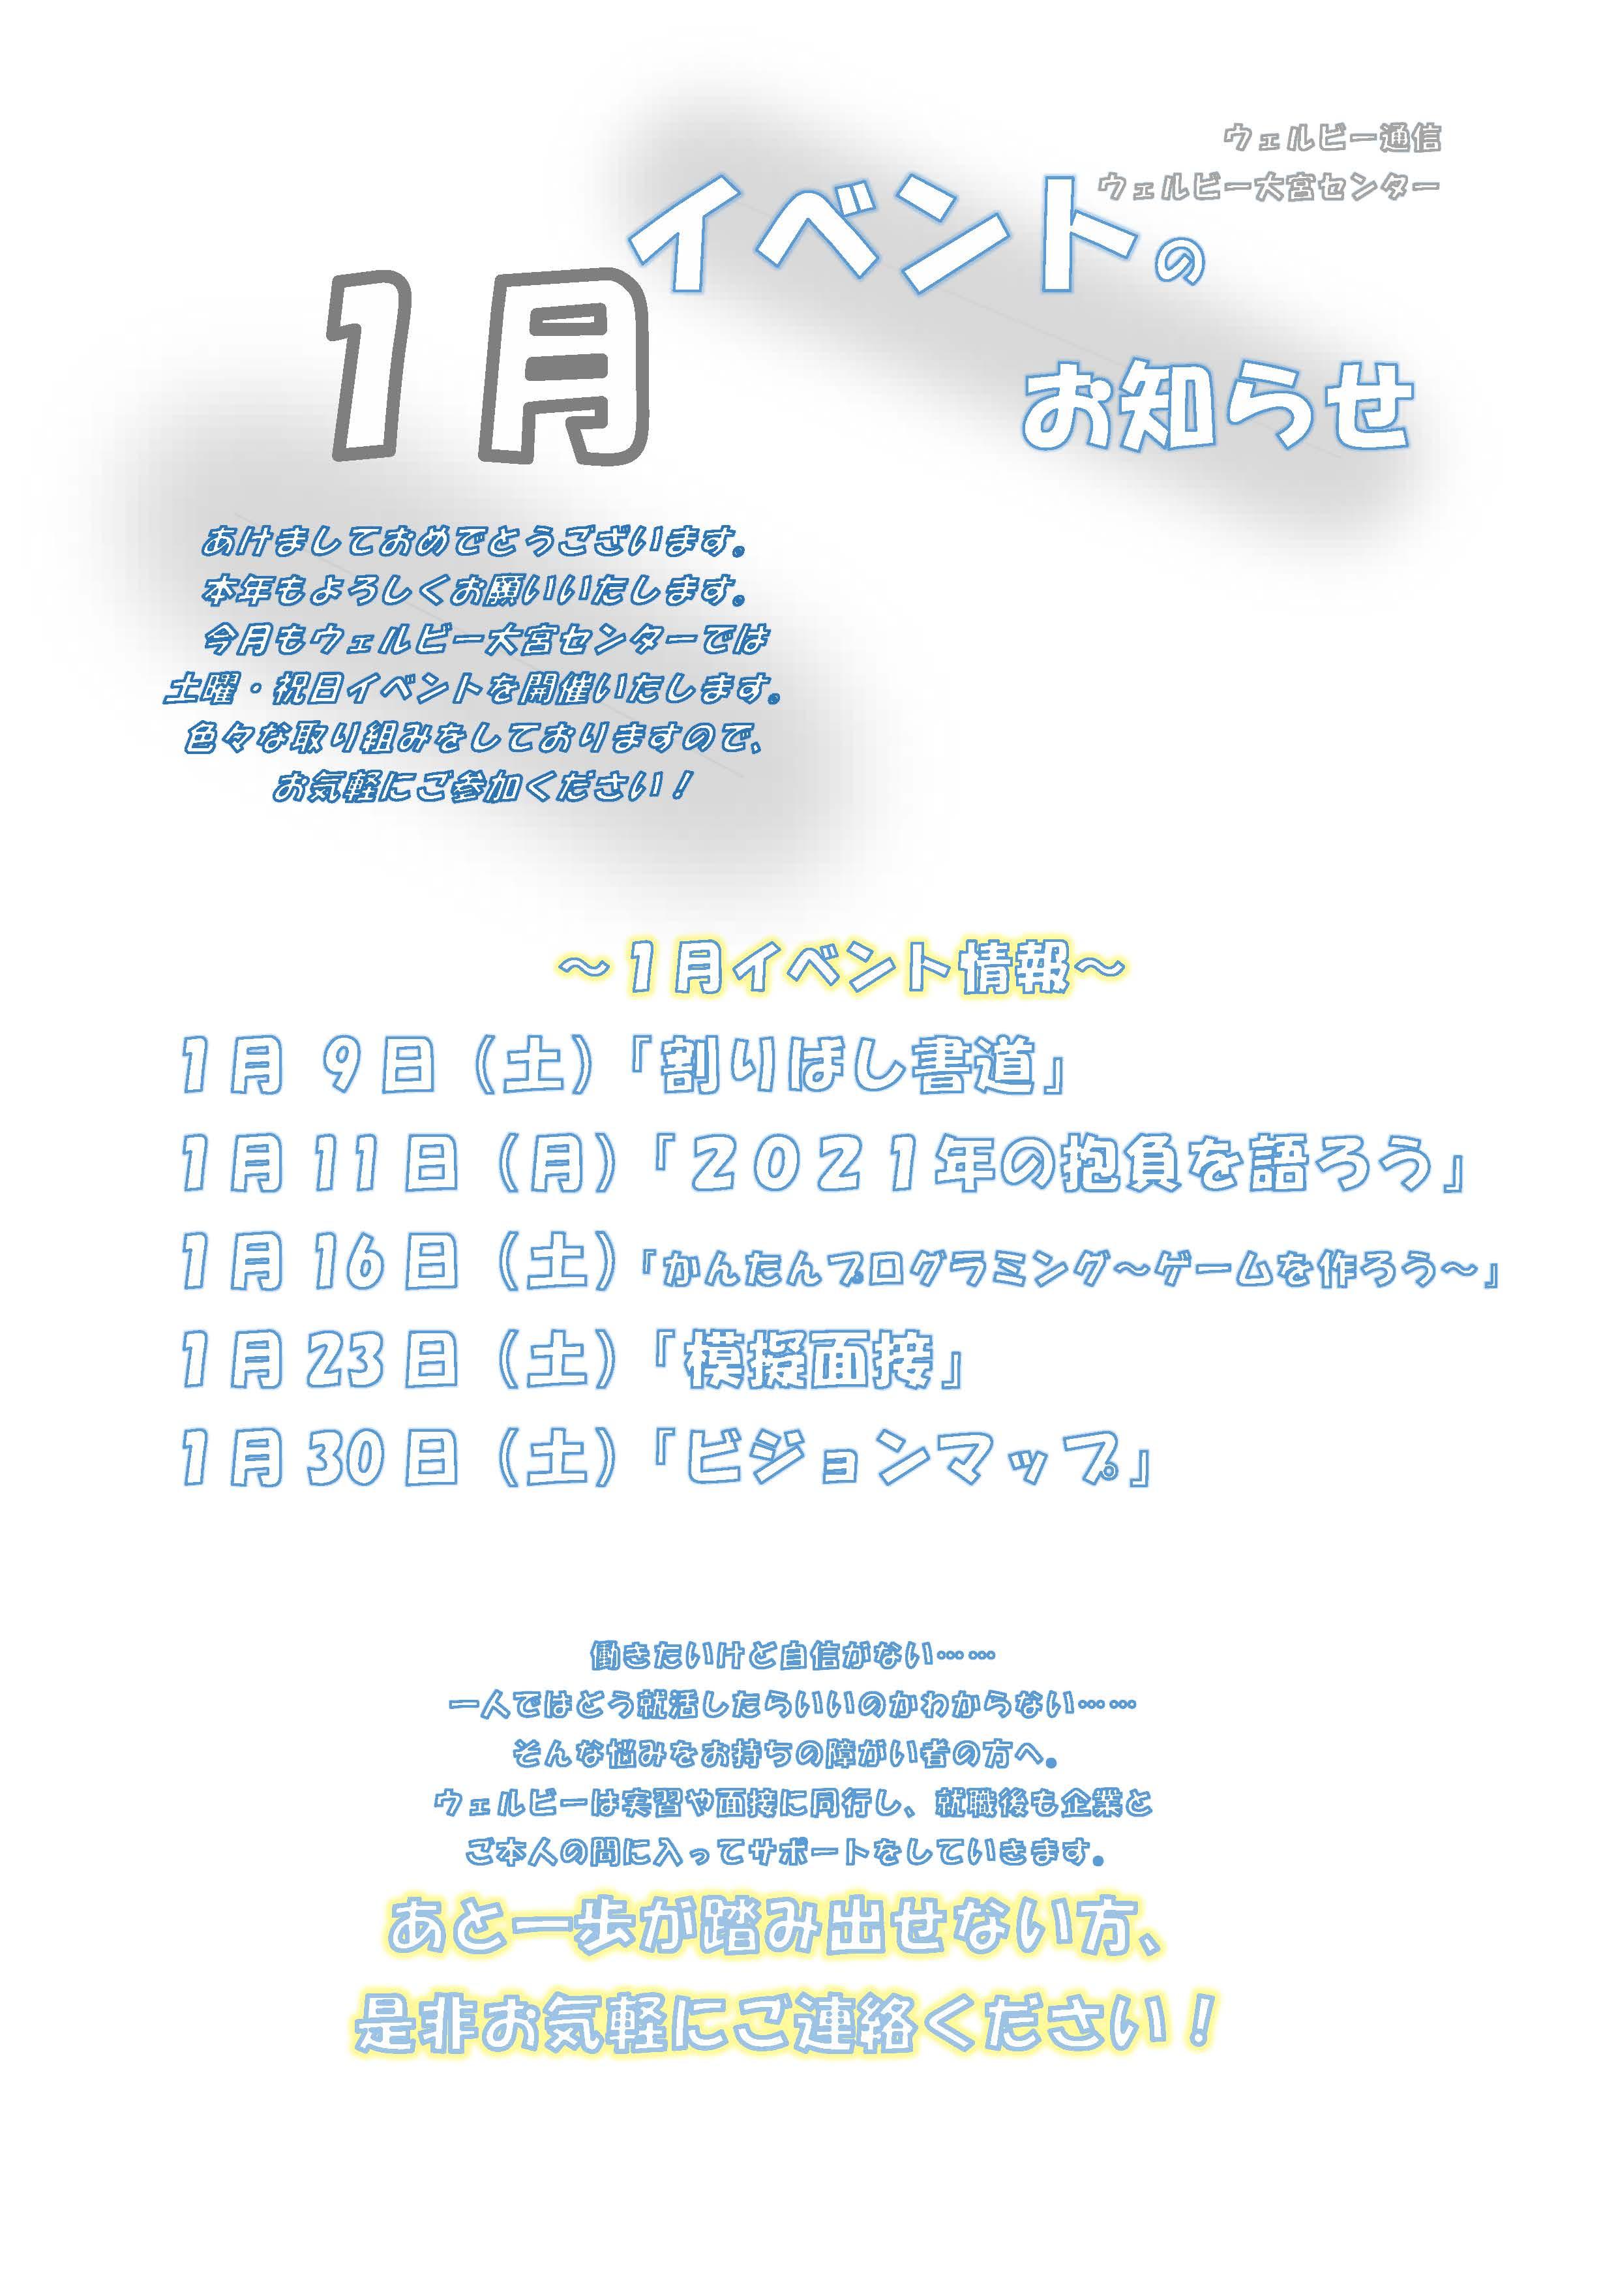 【ブログ用】ウェルビー通信2021年1月